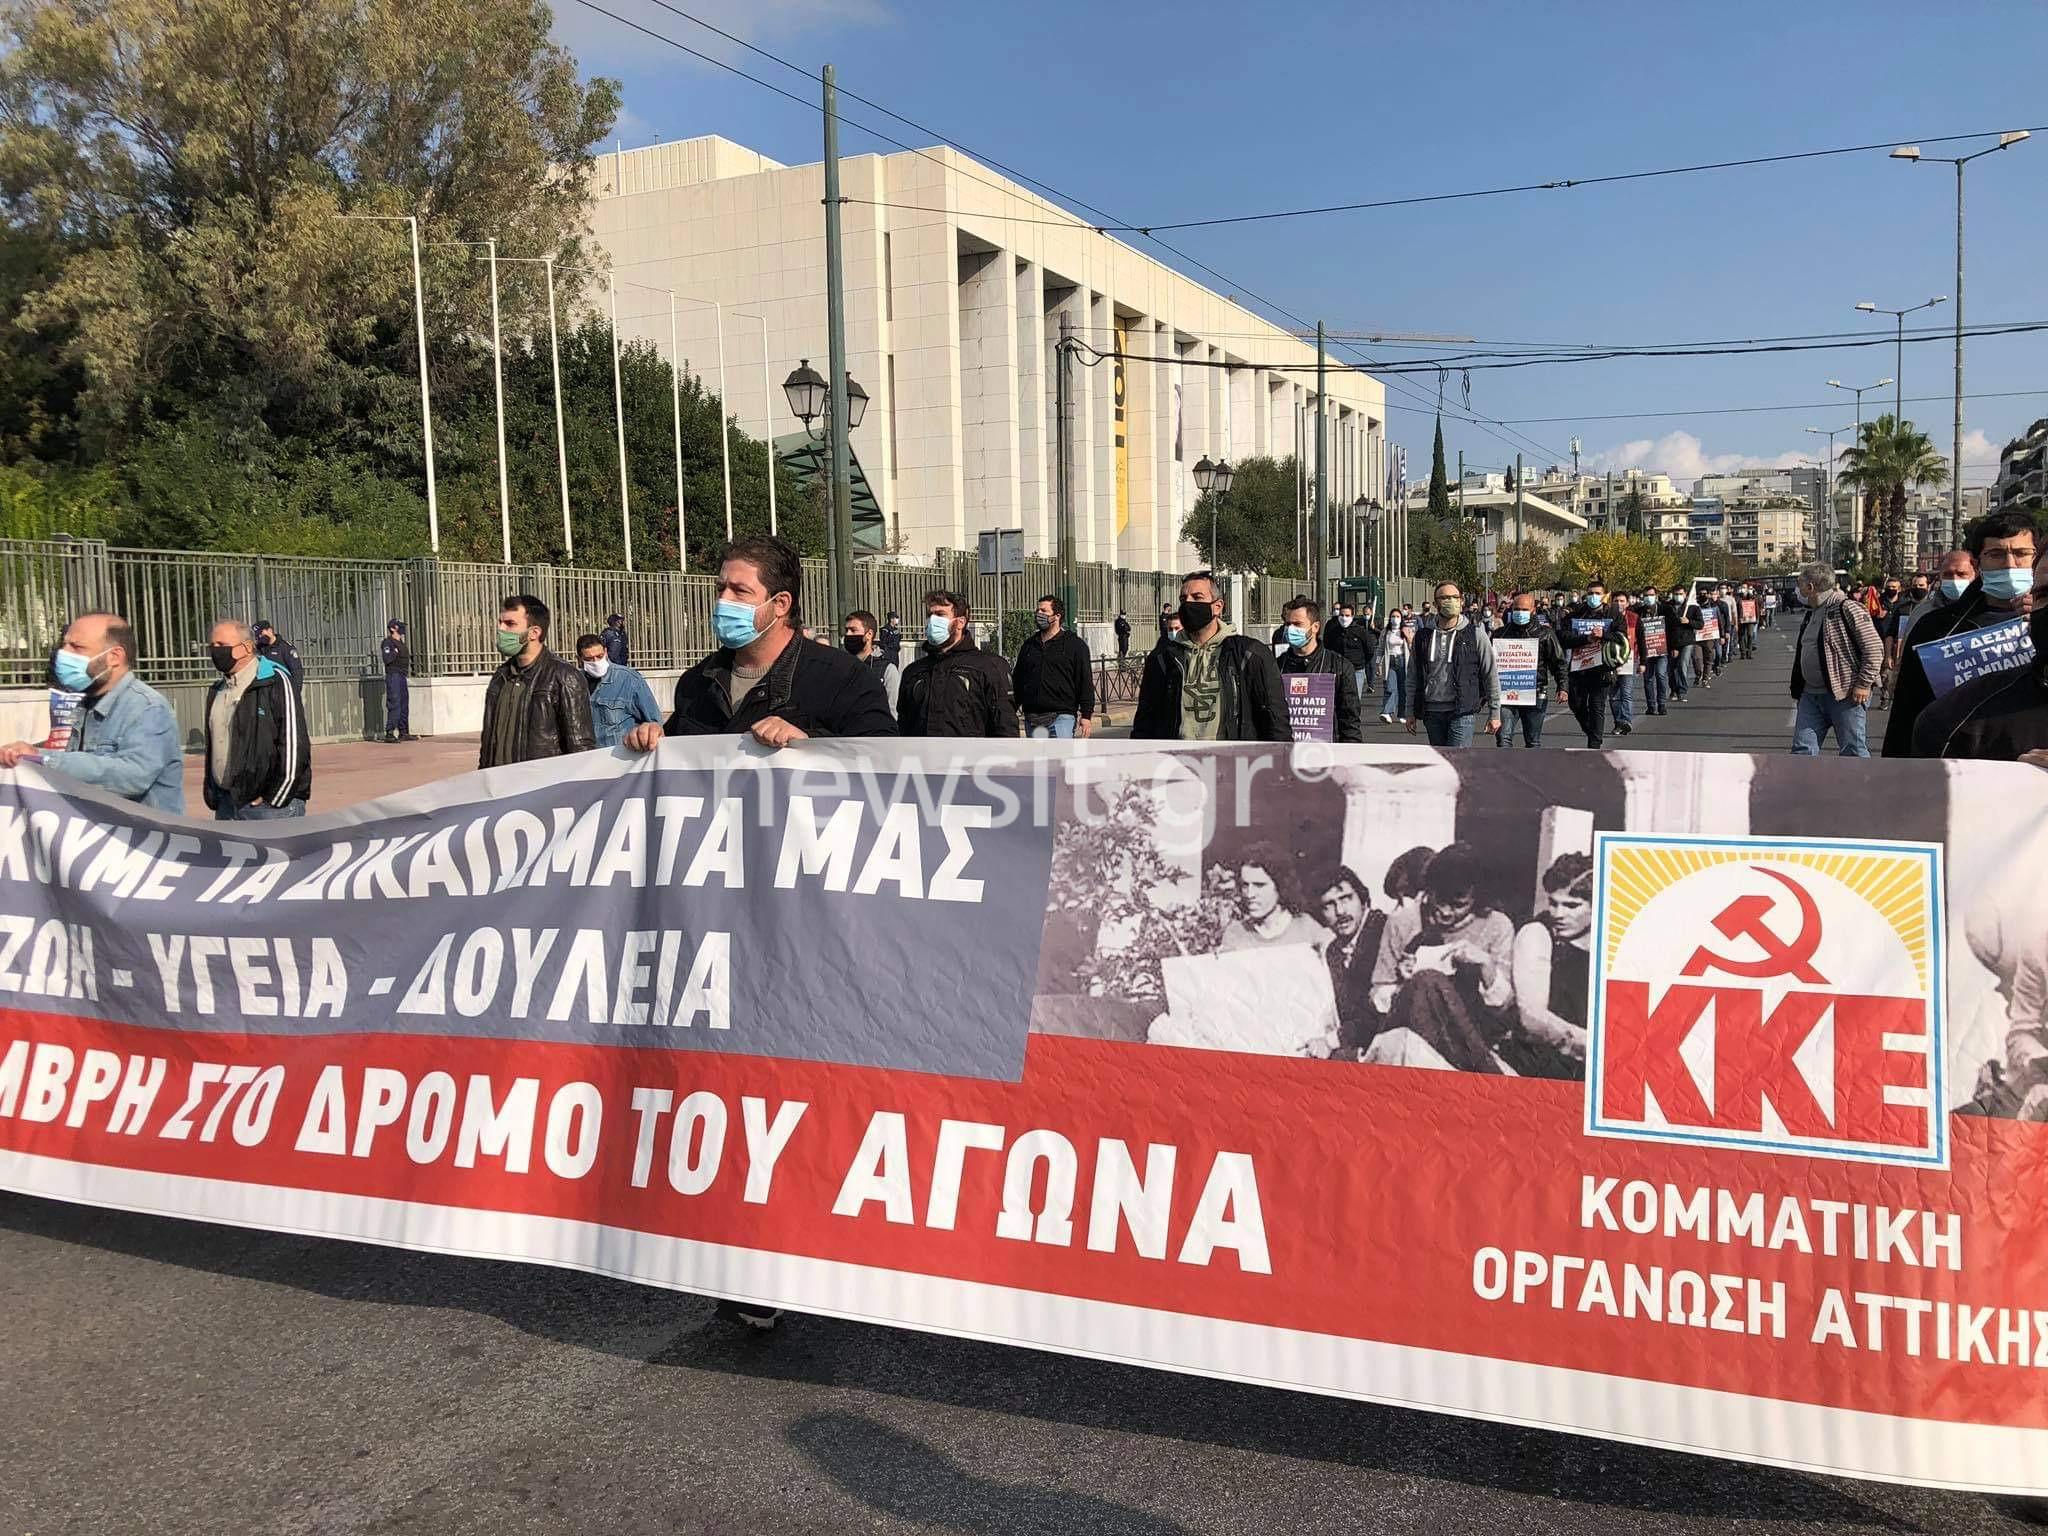 """Πολυτεχνείο: """"Έκπληξη"""" του ΚΚΕ με πορεία στην Αμερικανική Πρεσβεία παρά την απαγόρευση (pics)"""